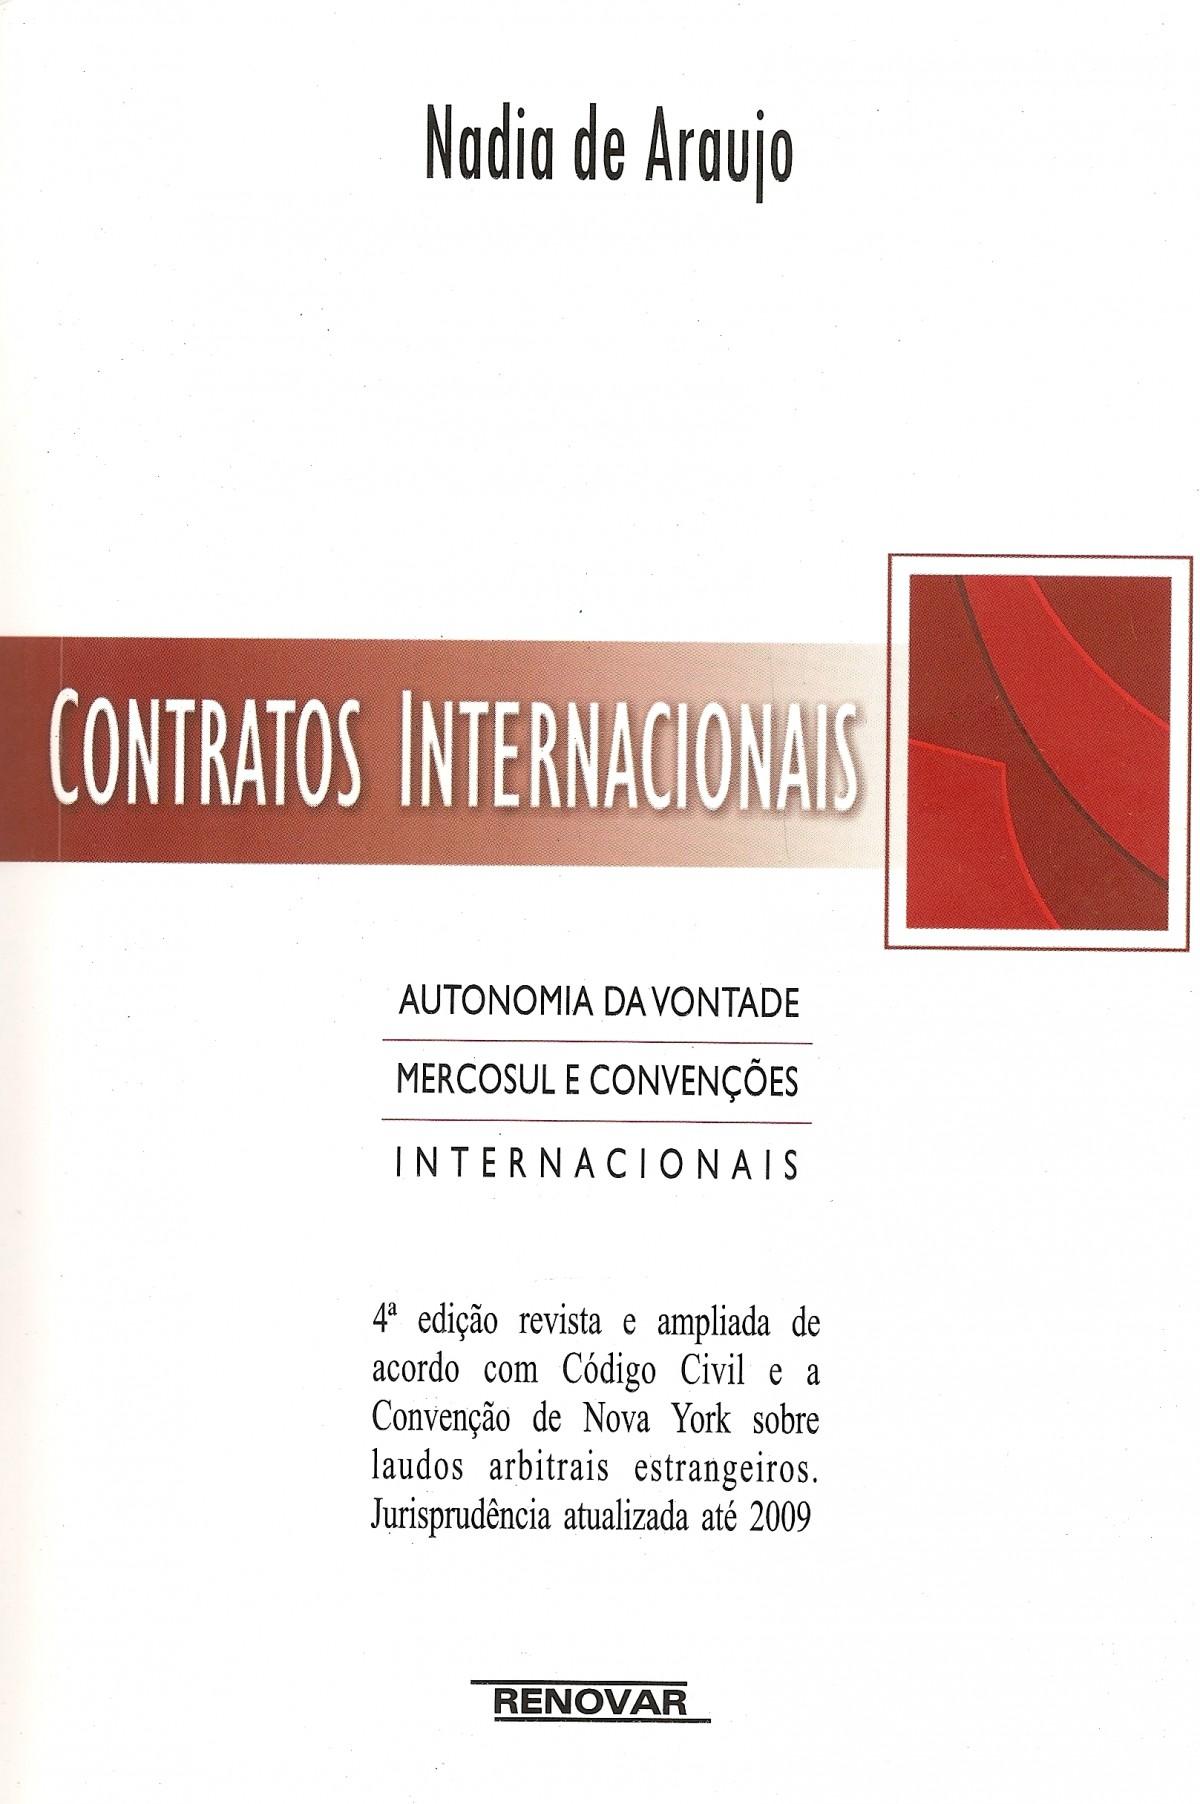 Foto 1 - Contratos Internacionais